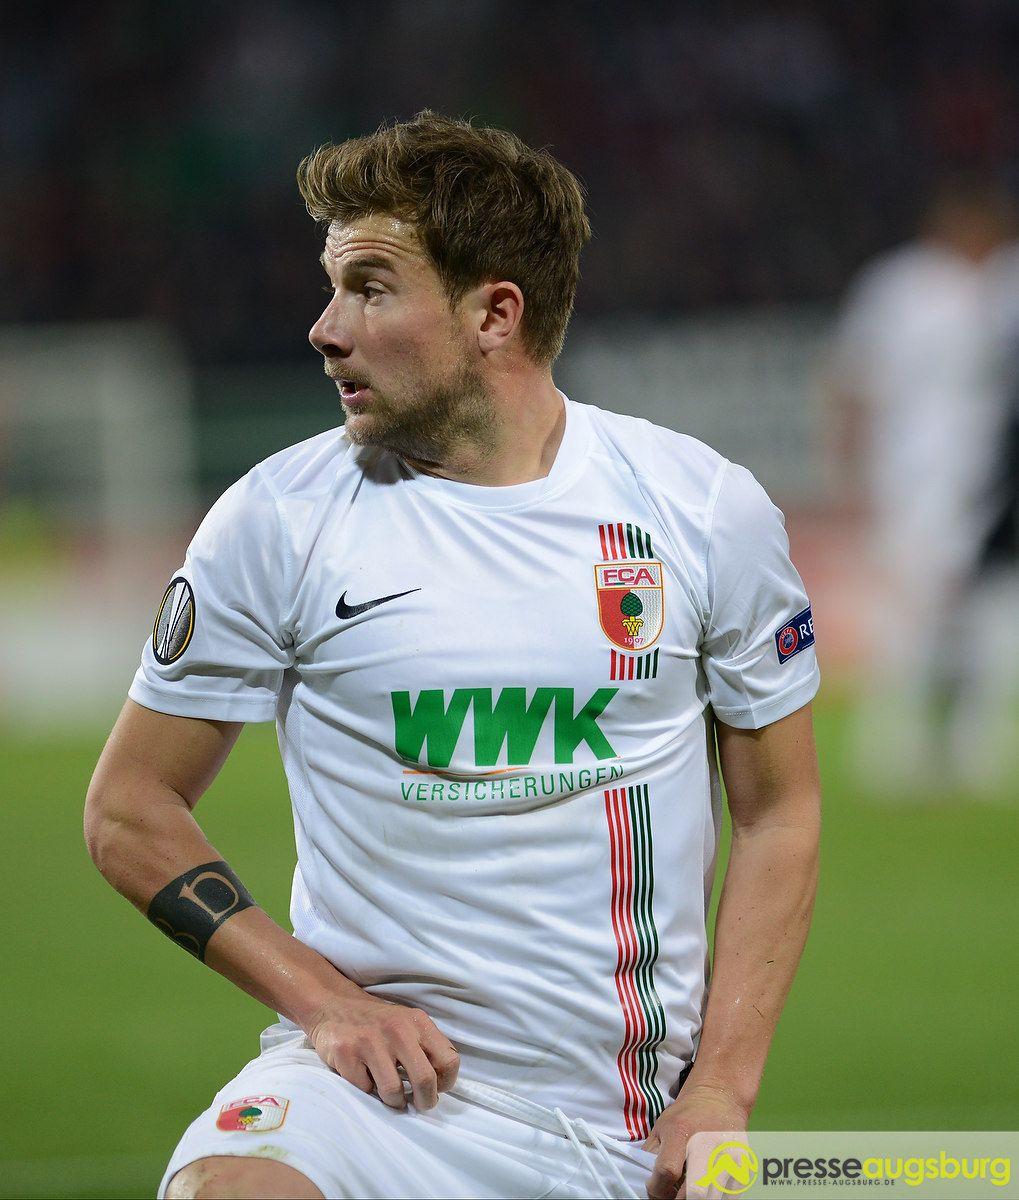 fca_belgrad_0006 FC Augsburg |Daniel Baier fällt mehrere Wochen verletzt aus FC Augsburg News Sport Daniel Baier FC Augsburg |Presse Augsburg